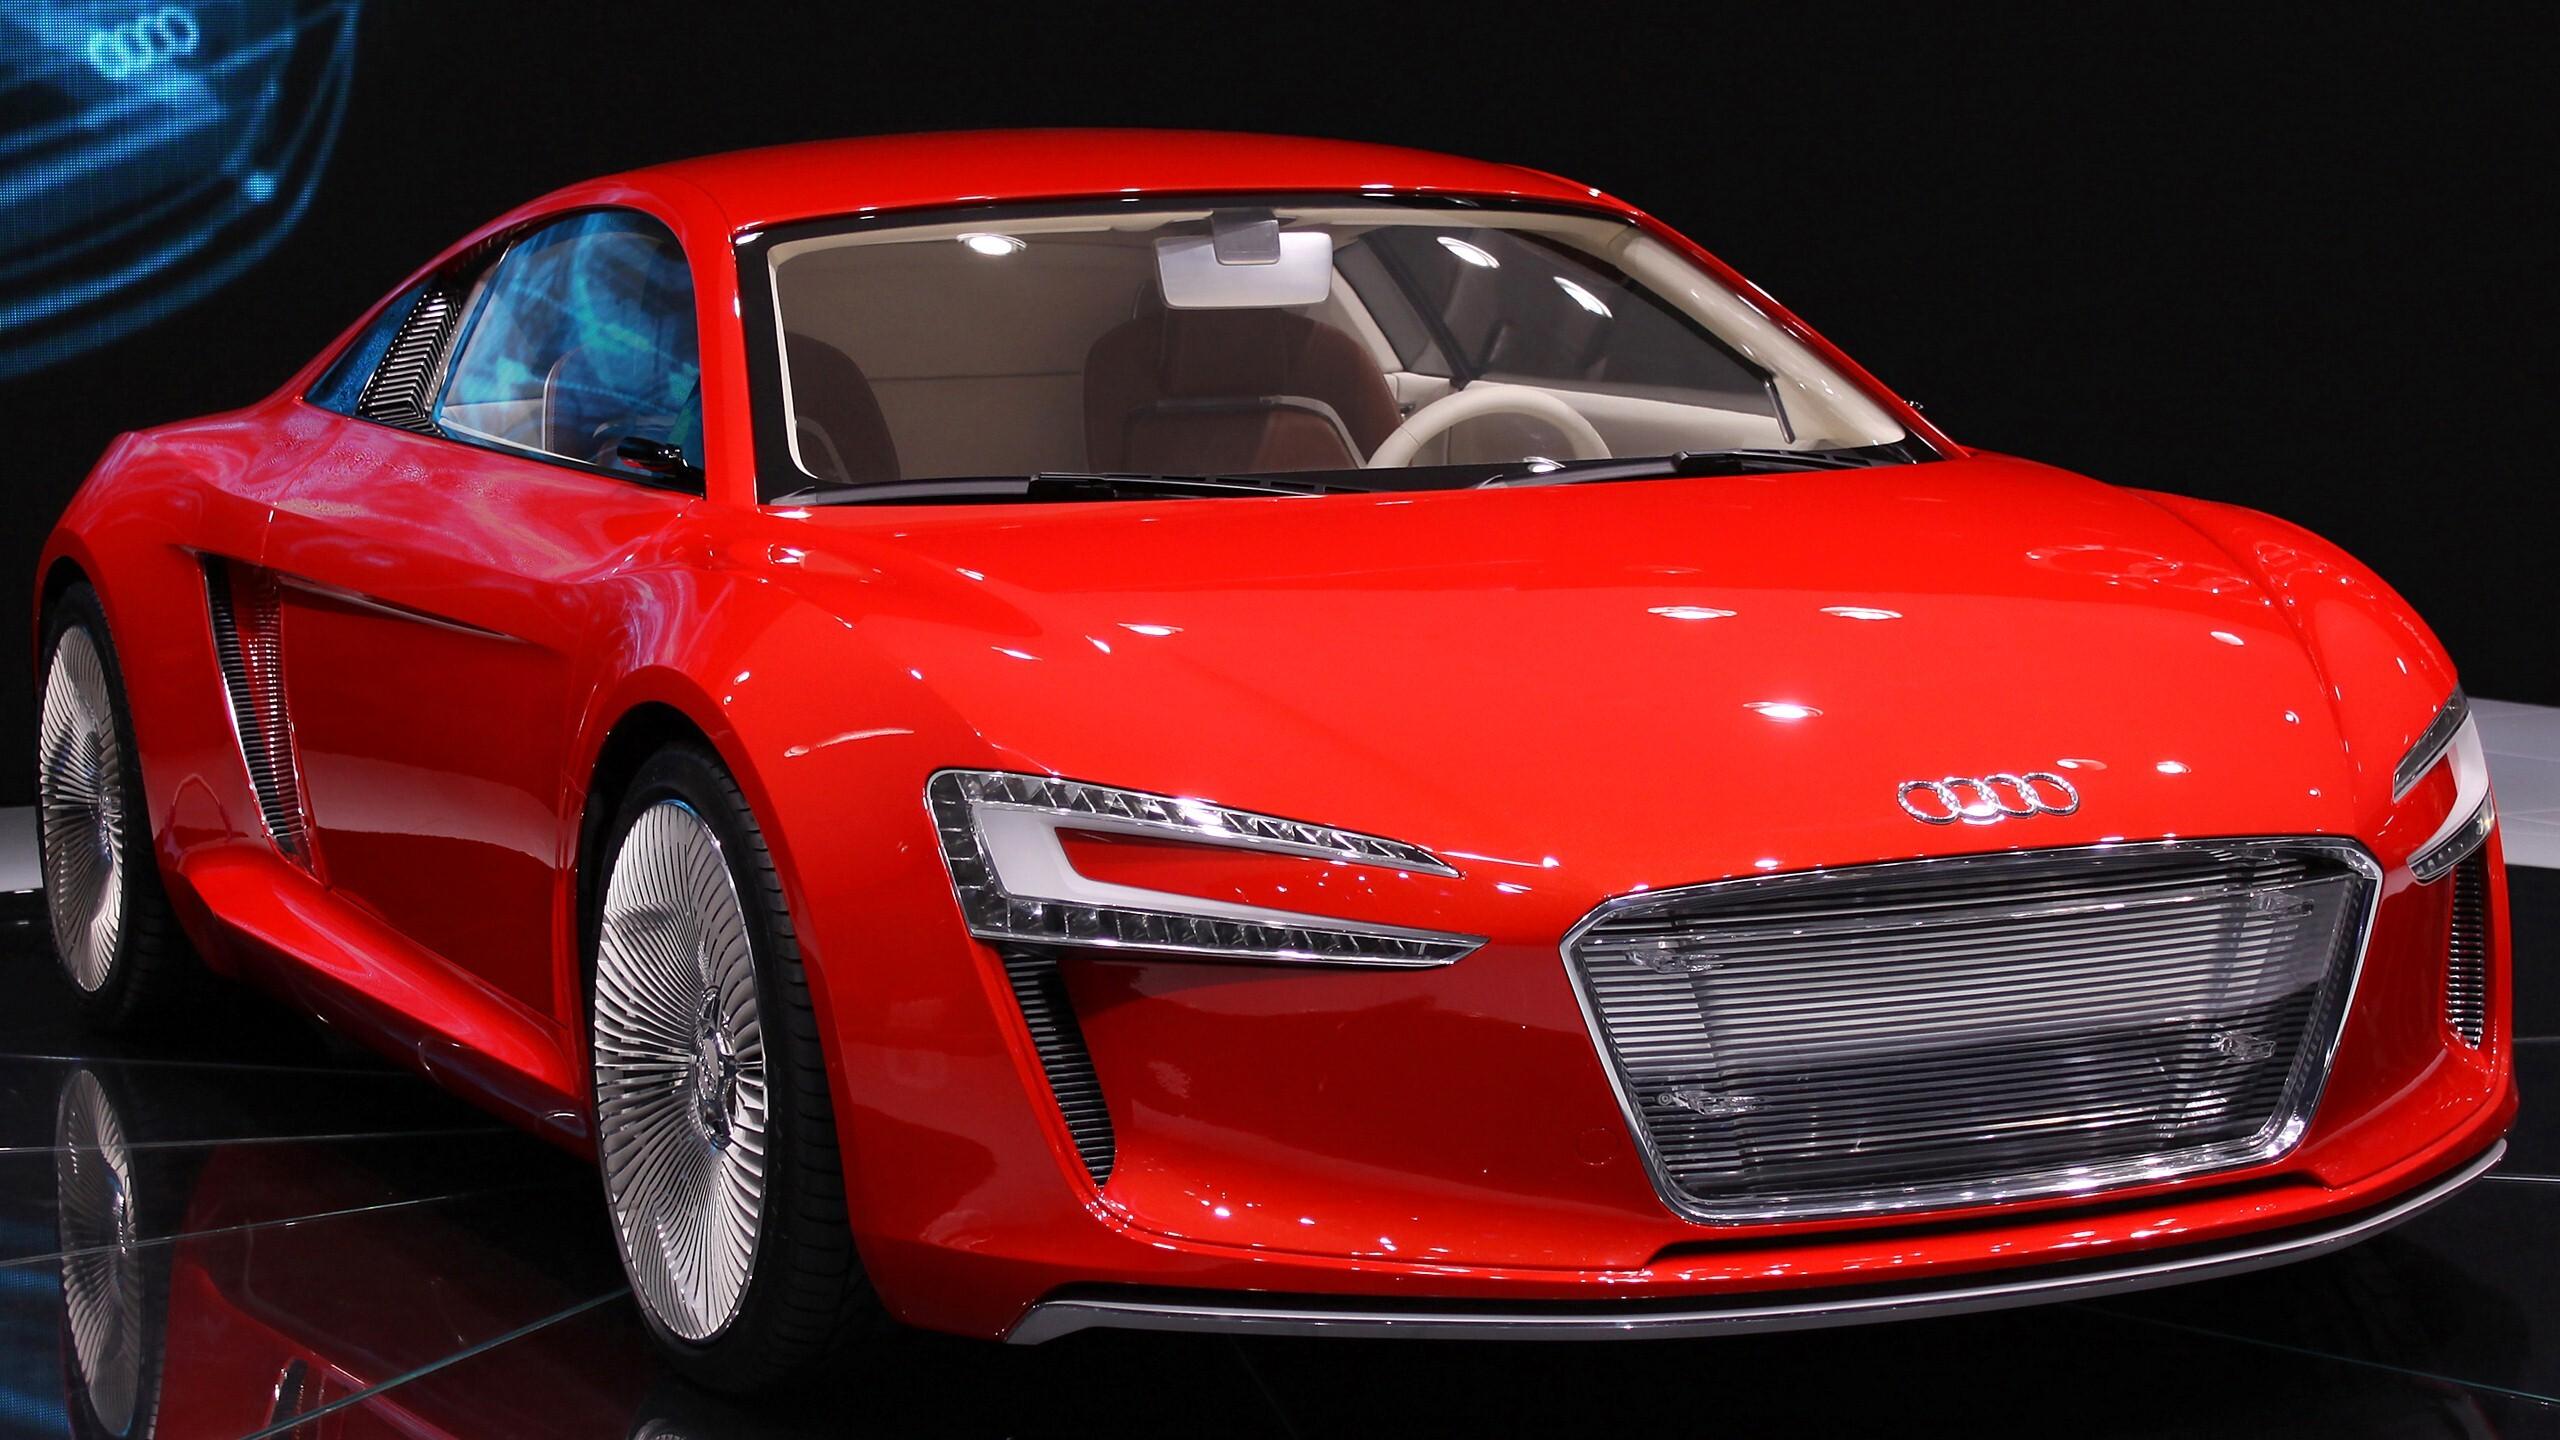 Popular Red Audi Car | HD Wallpapers